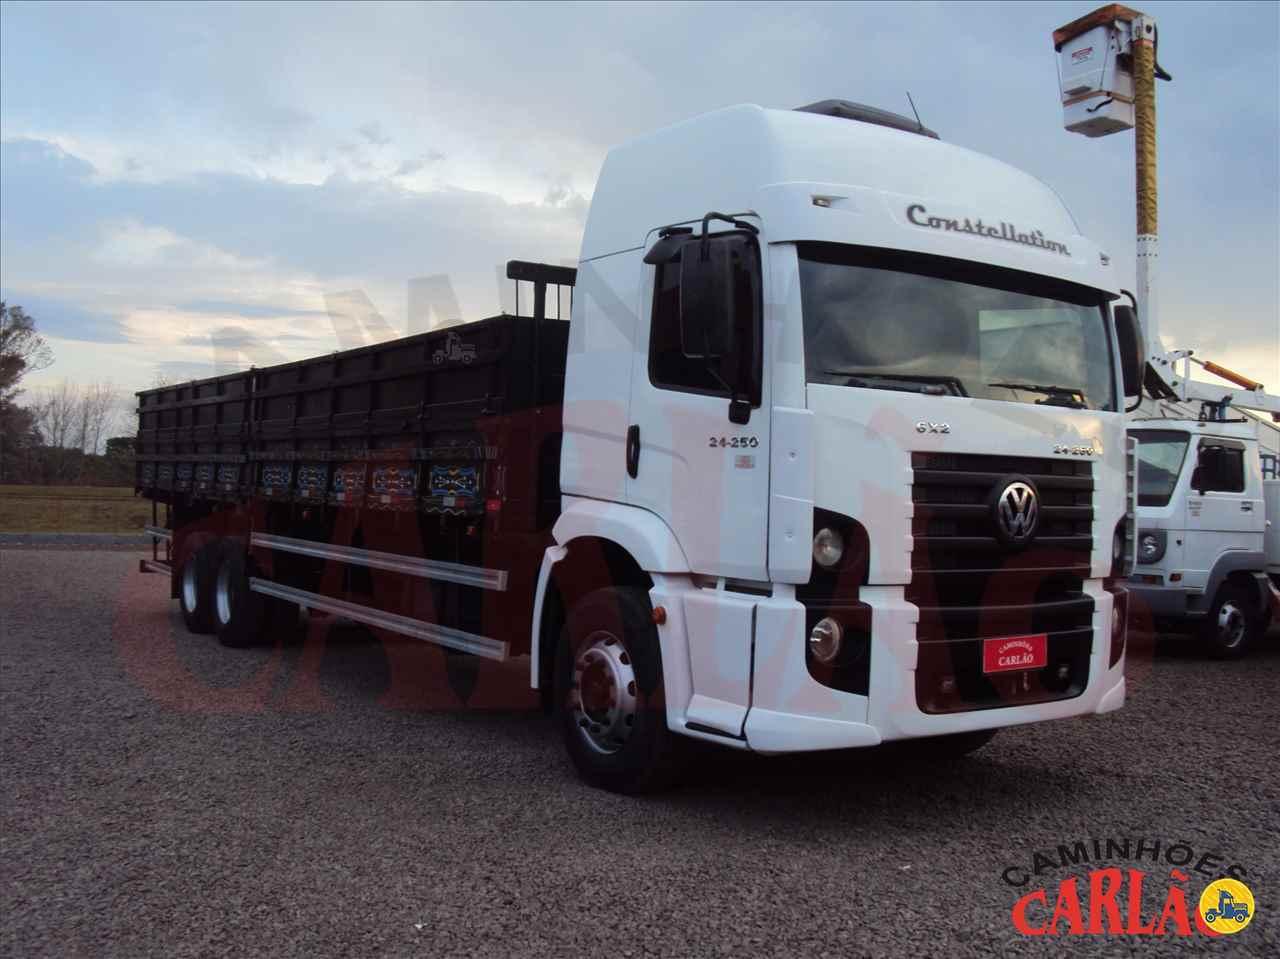 CAMINHAO VOLKSWAGEN VW 24250 Graneleiro Truck 6x2 Carlão Caminhões CARAZINHO RIO GRANDE DO SUL RS